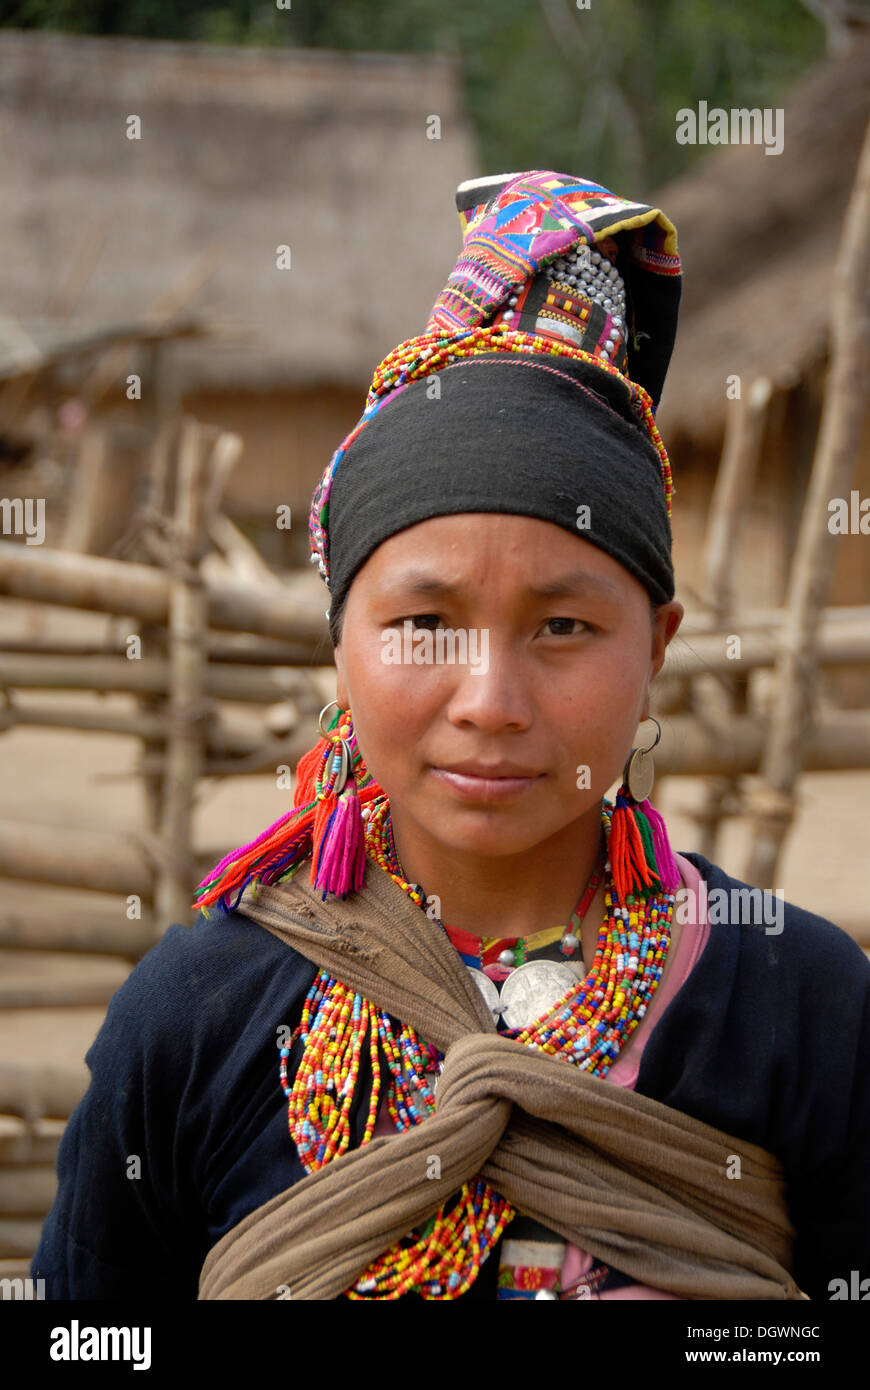 Portrait de jeune femme de l'ethnie Akha Loma, traditionnel costume noir, brodé de couleurs vives, PAC, les chaînes colorées Photo Stock